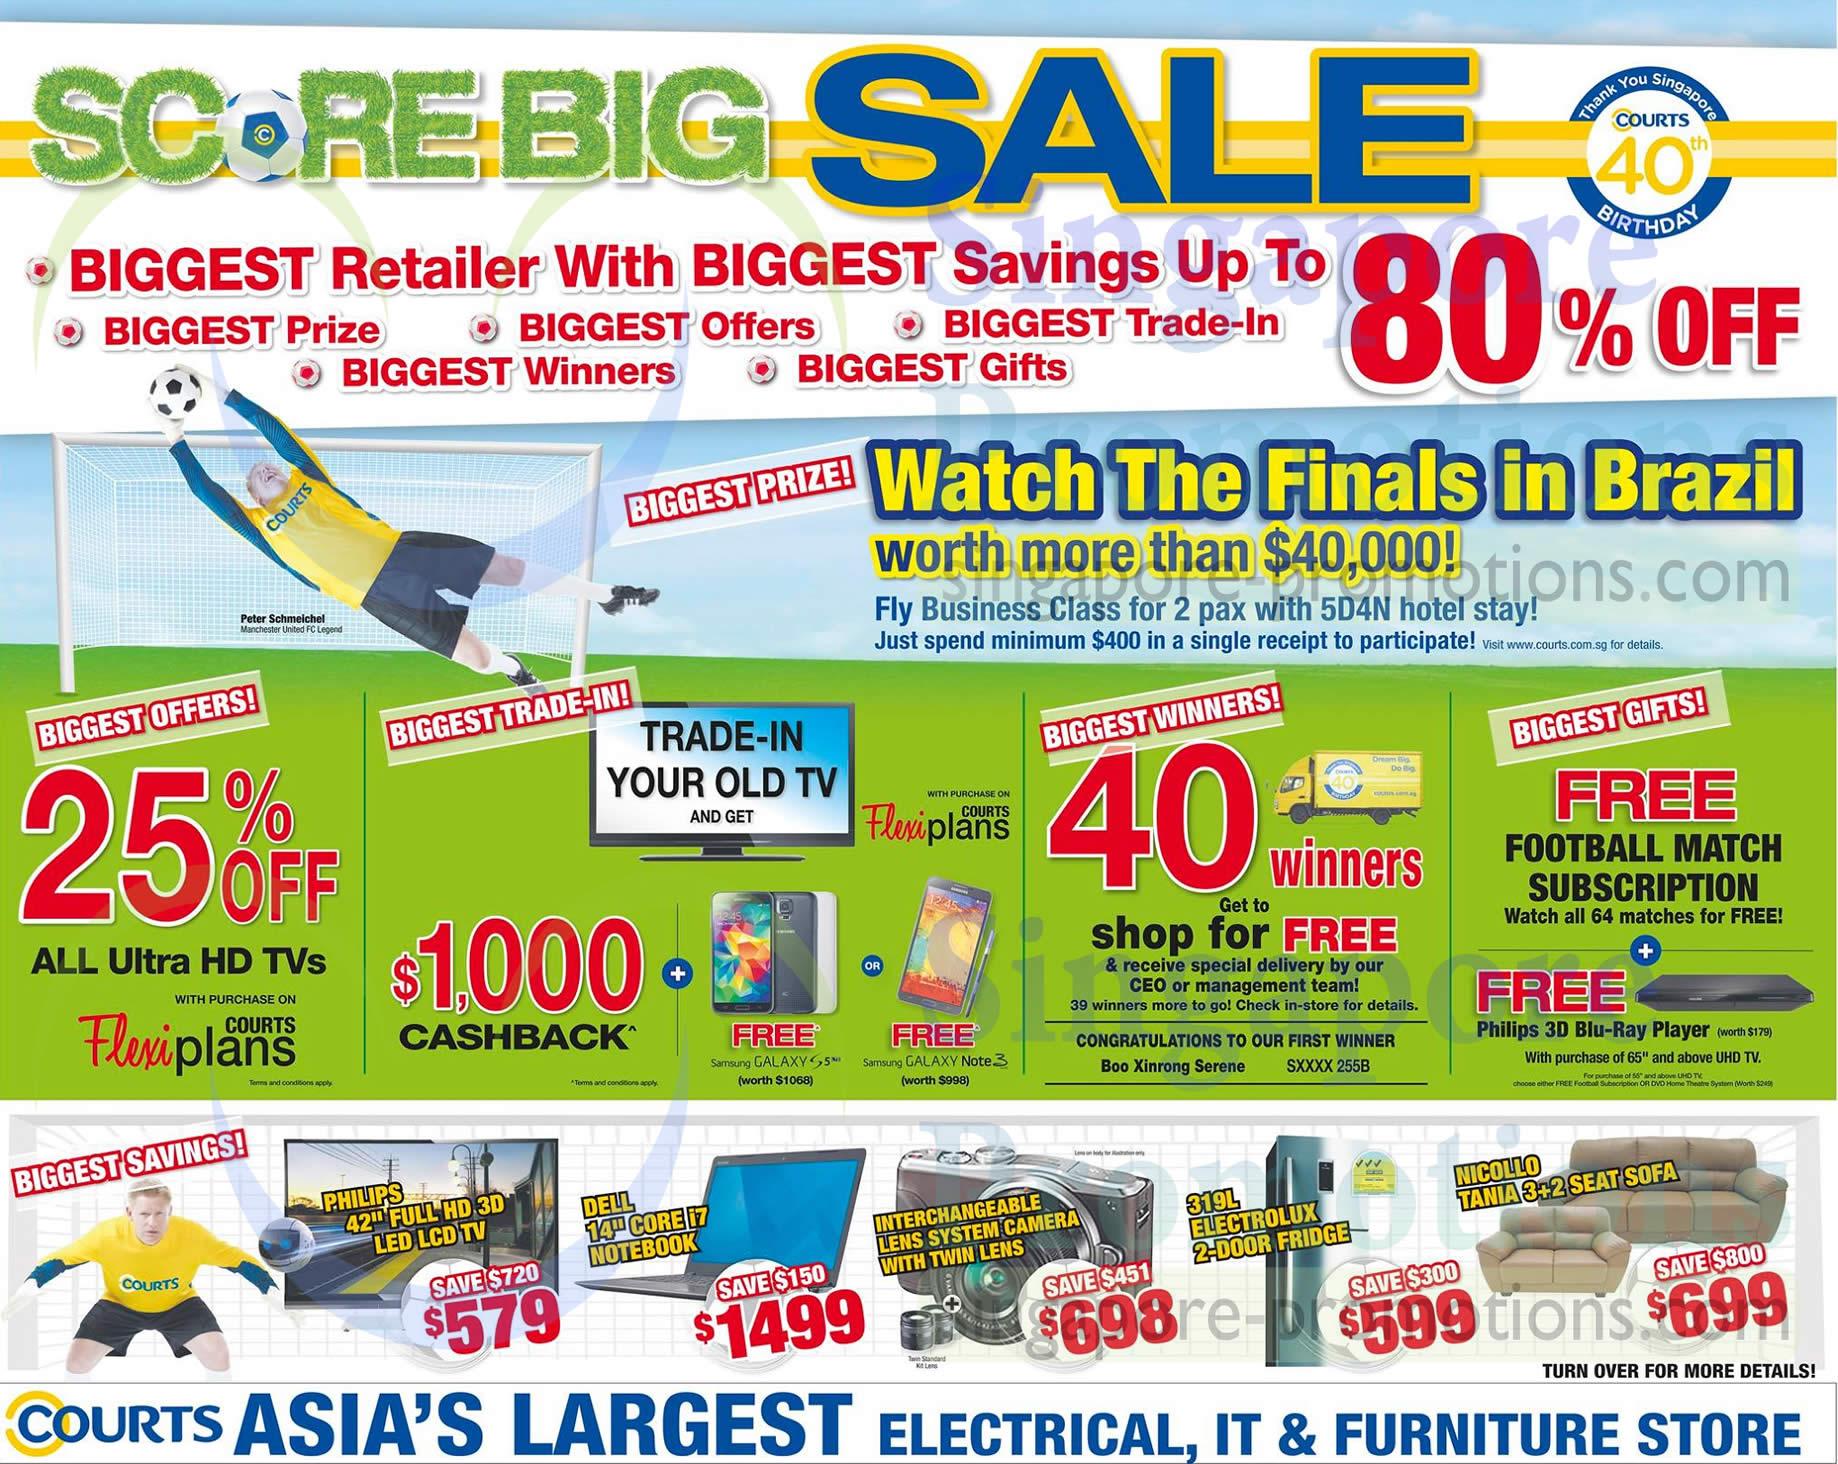 Score Big Sale, Samsung, Philips